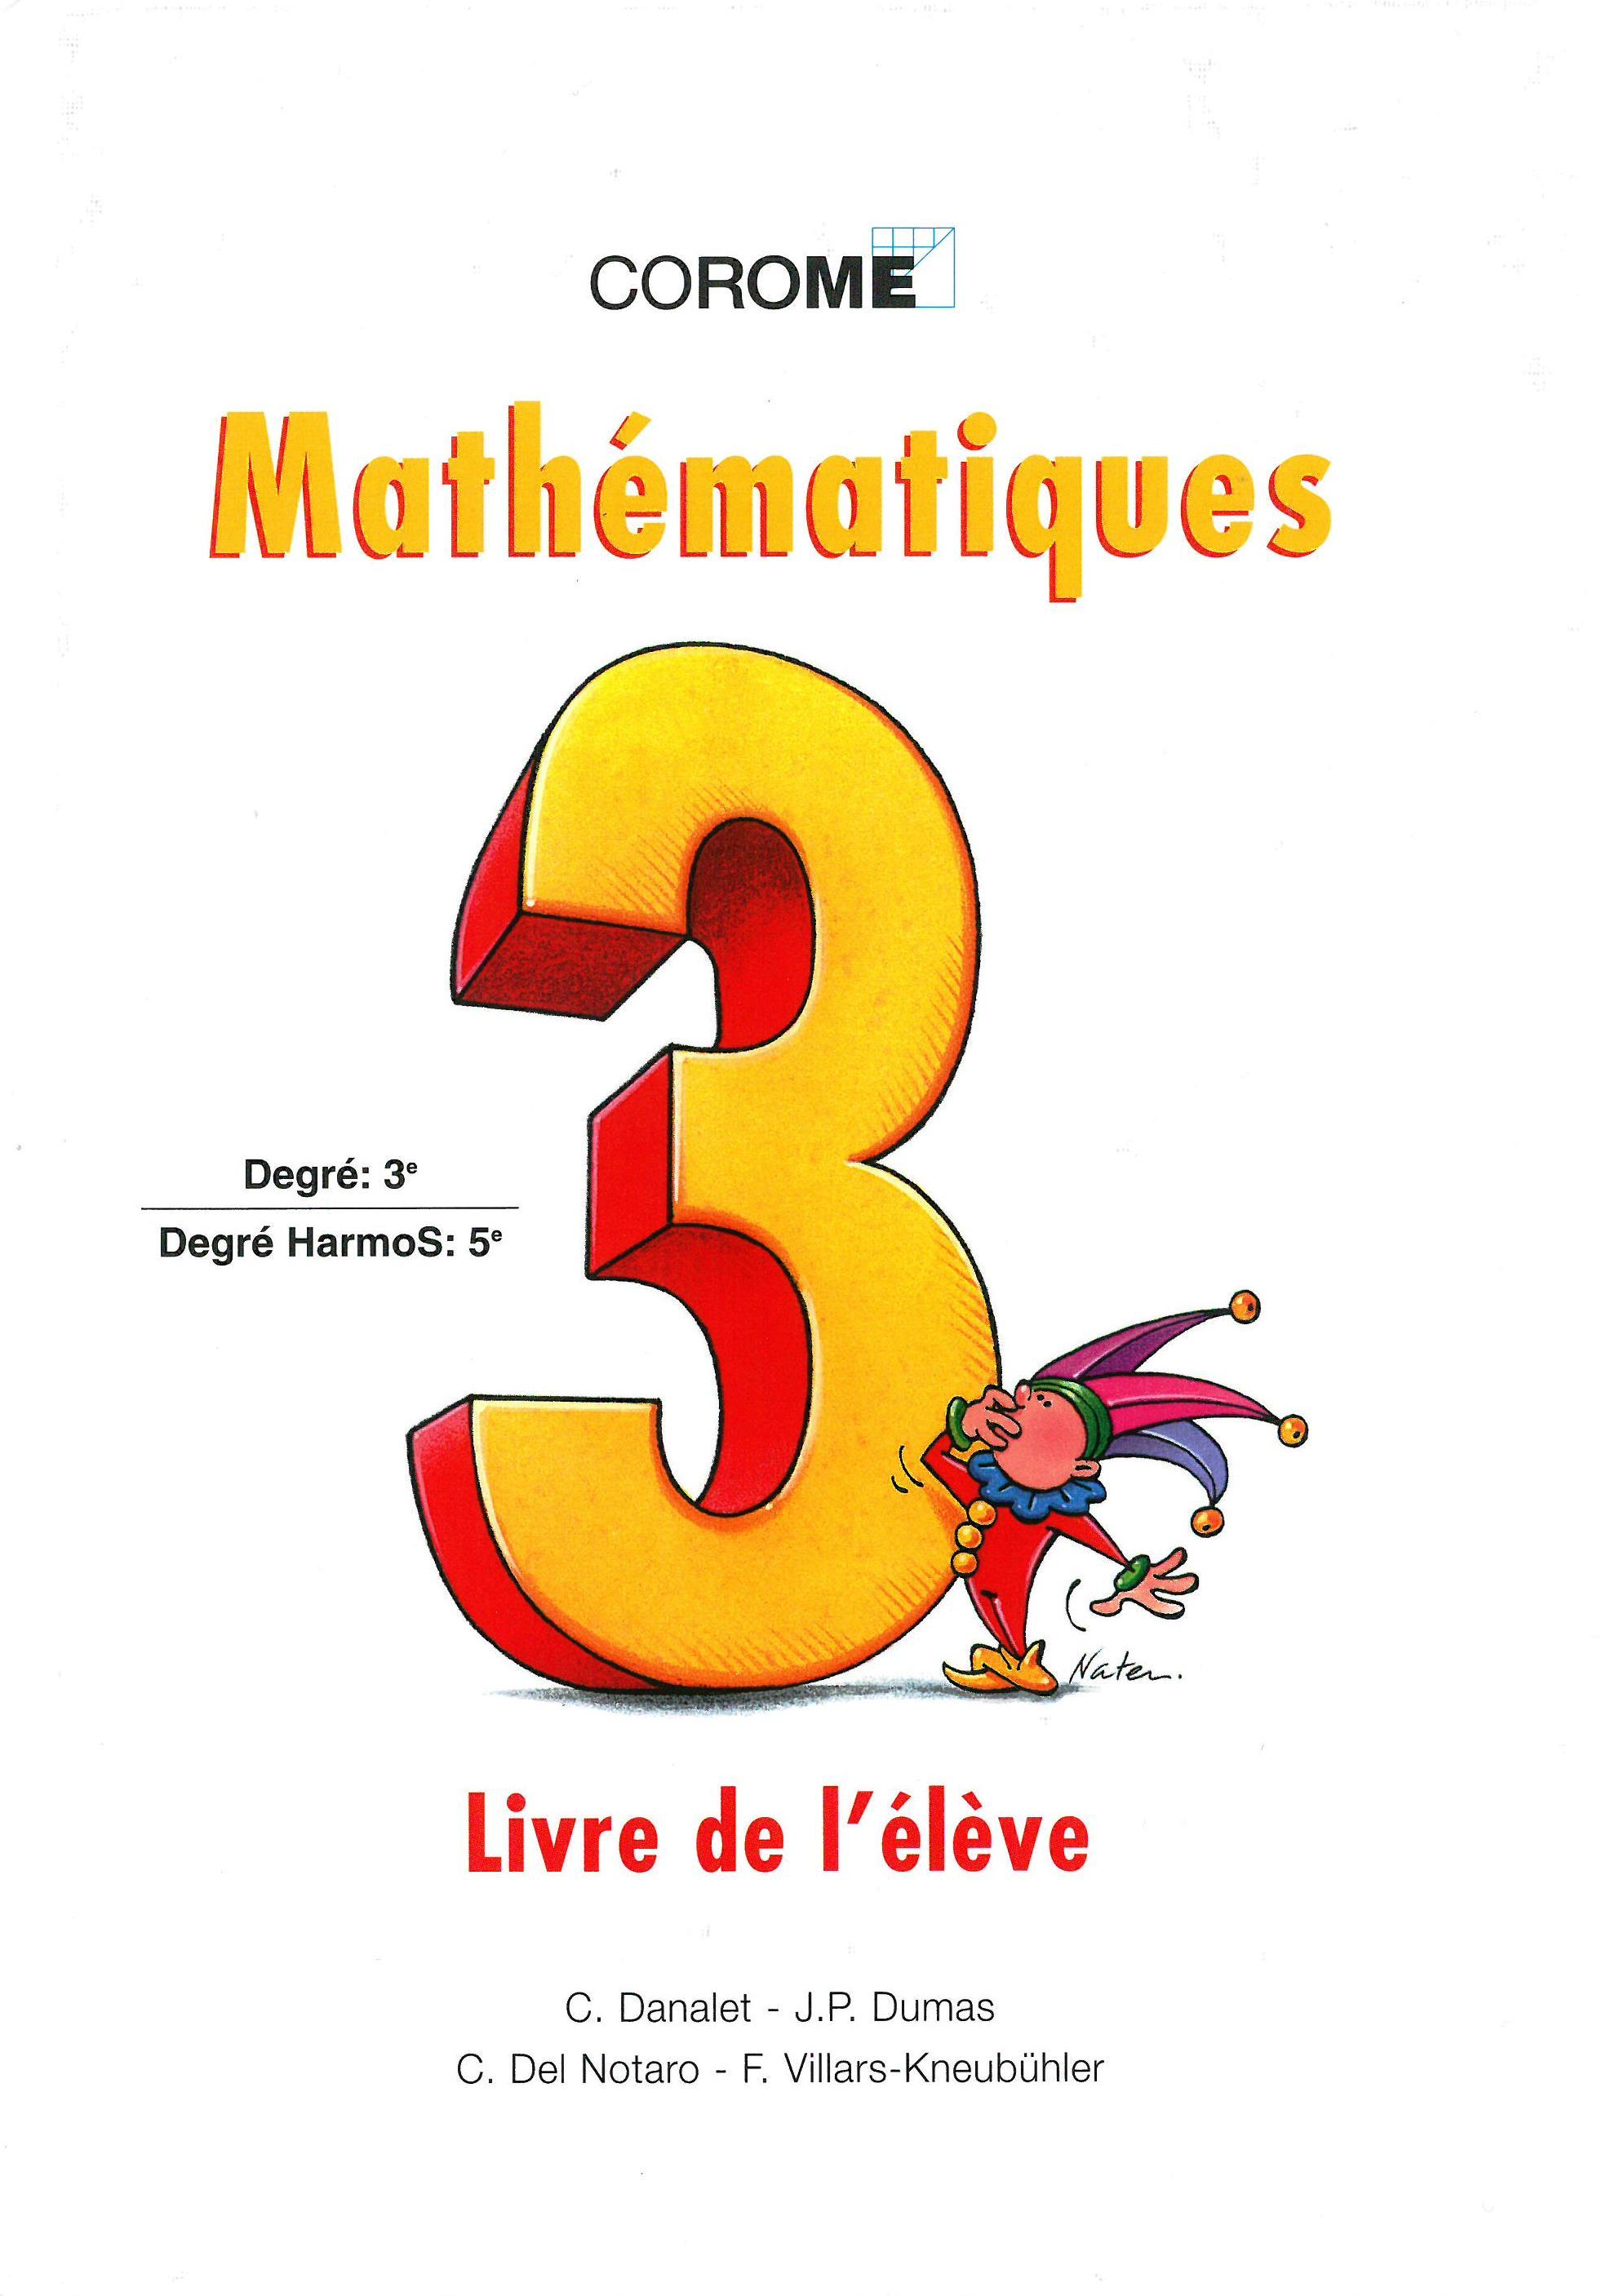 5H – Mathématiques – Livre de l'élève - 1998, Danalet, Claude